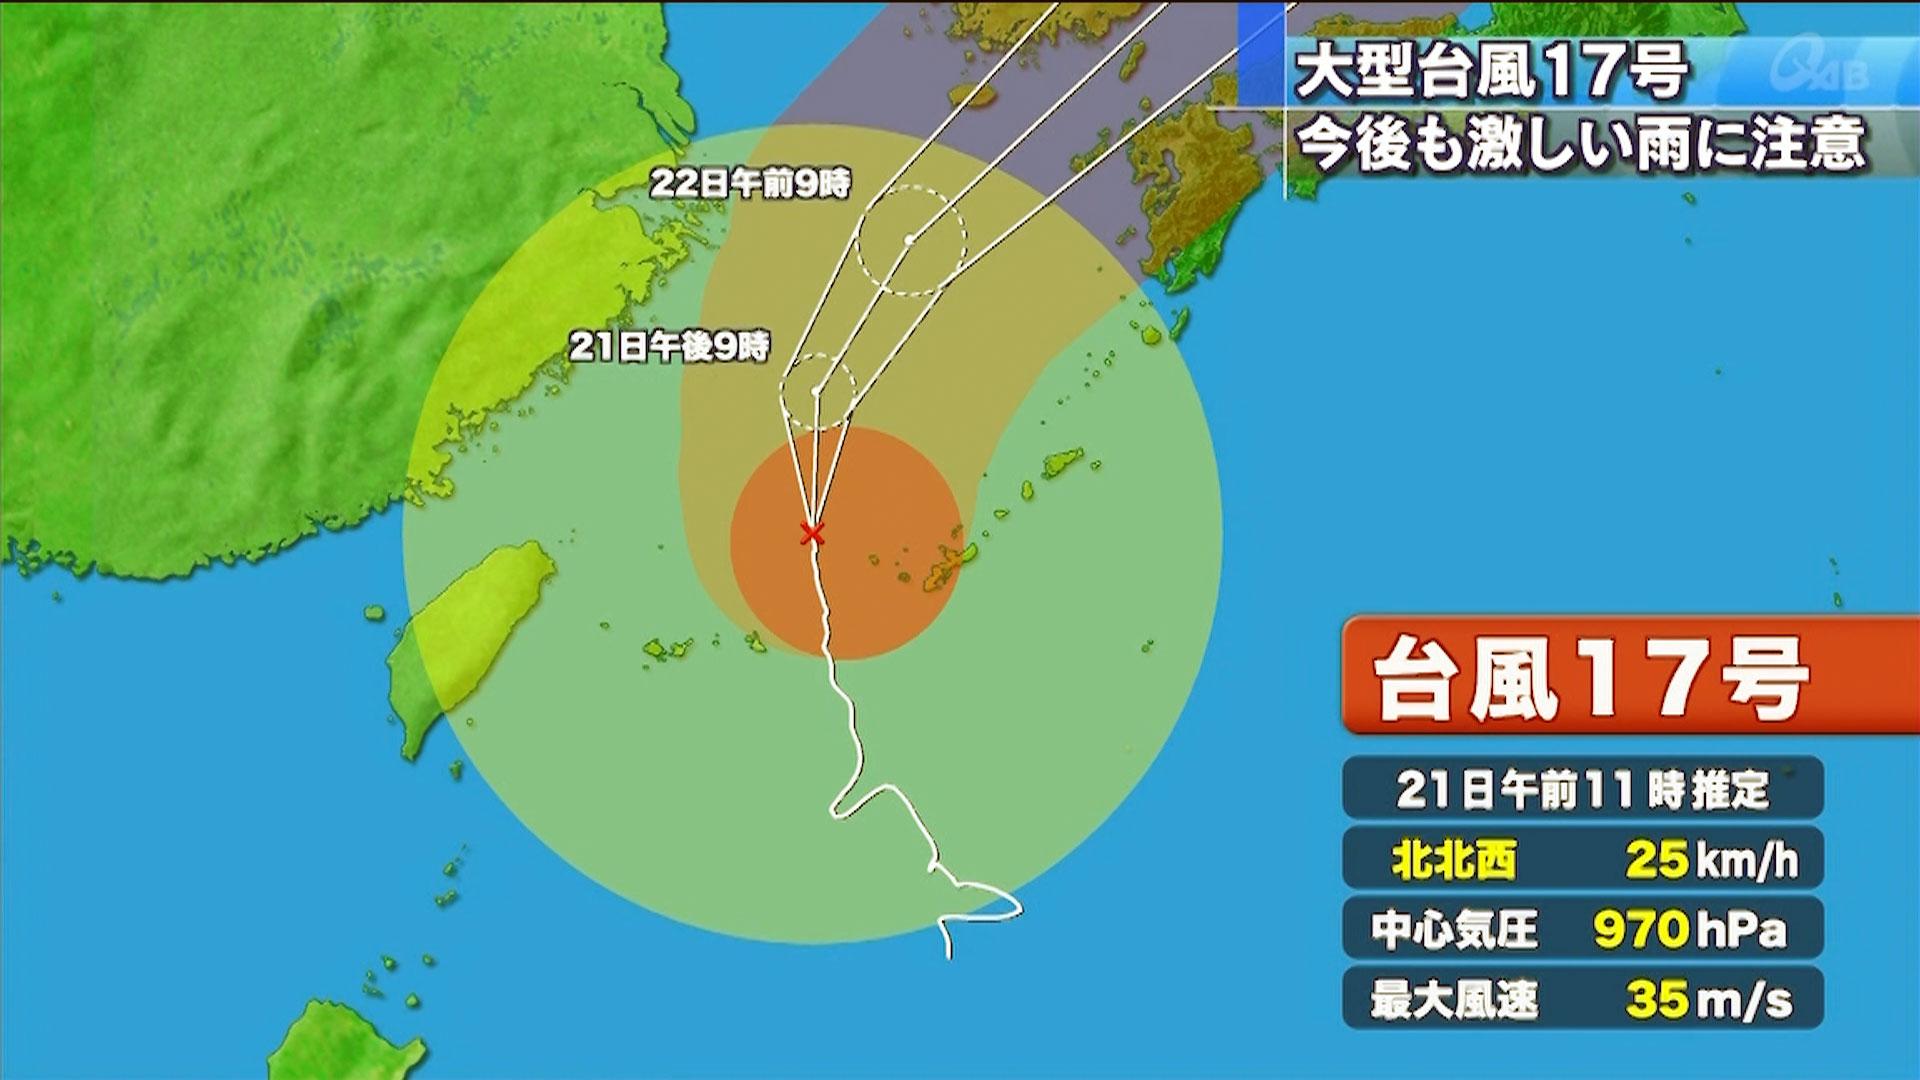 沖縄台風17号 雨風吹き荒れる